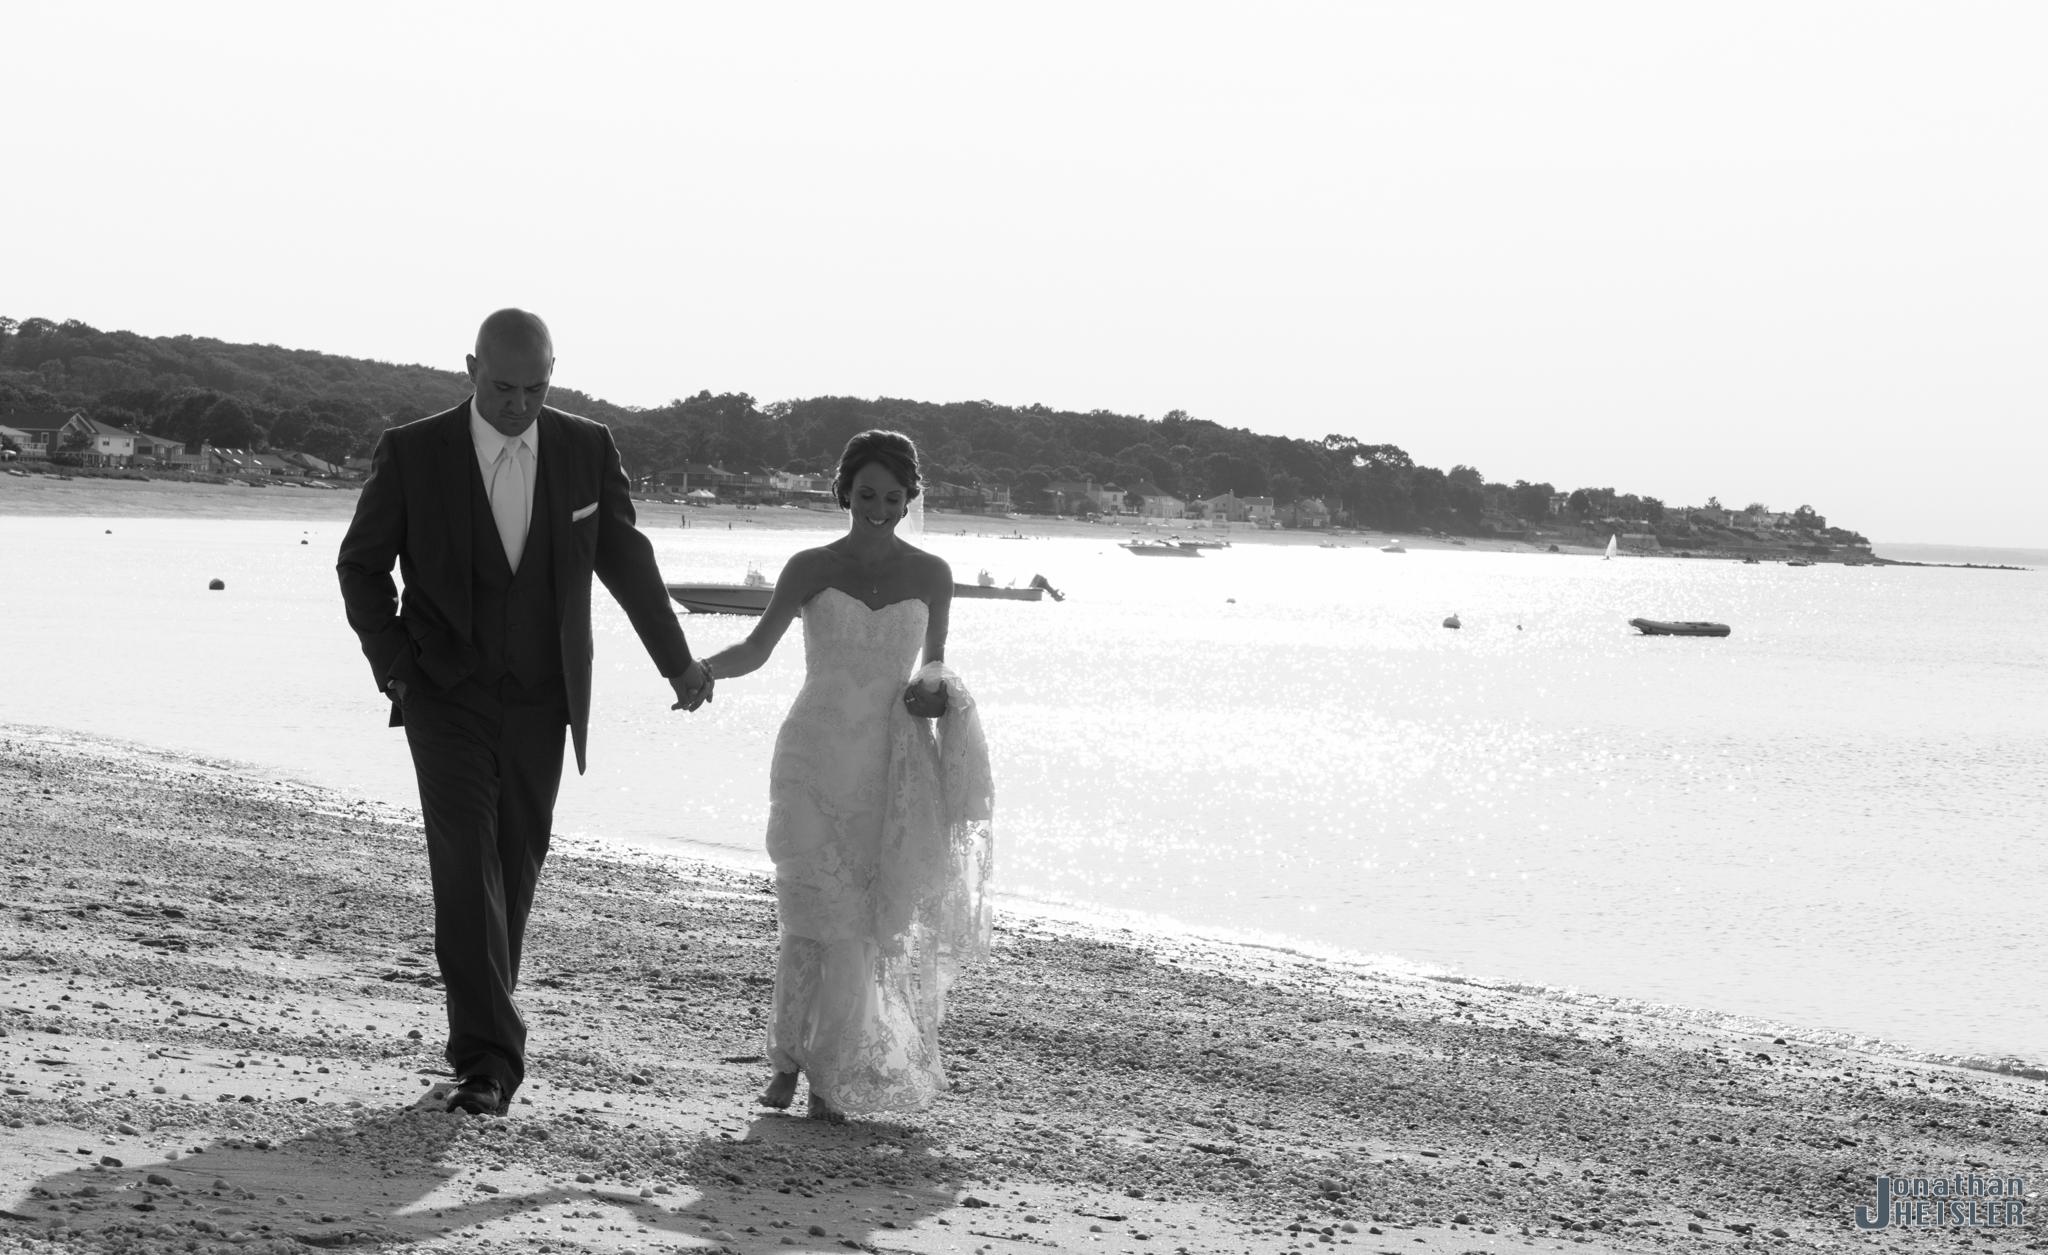 Long Island Wedding Photographer _ Jonathan Heisler  _  7-12-2014_00111.jpg